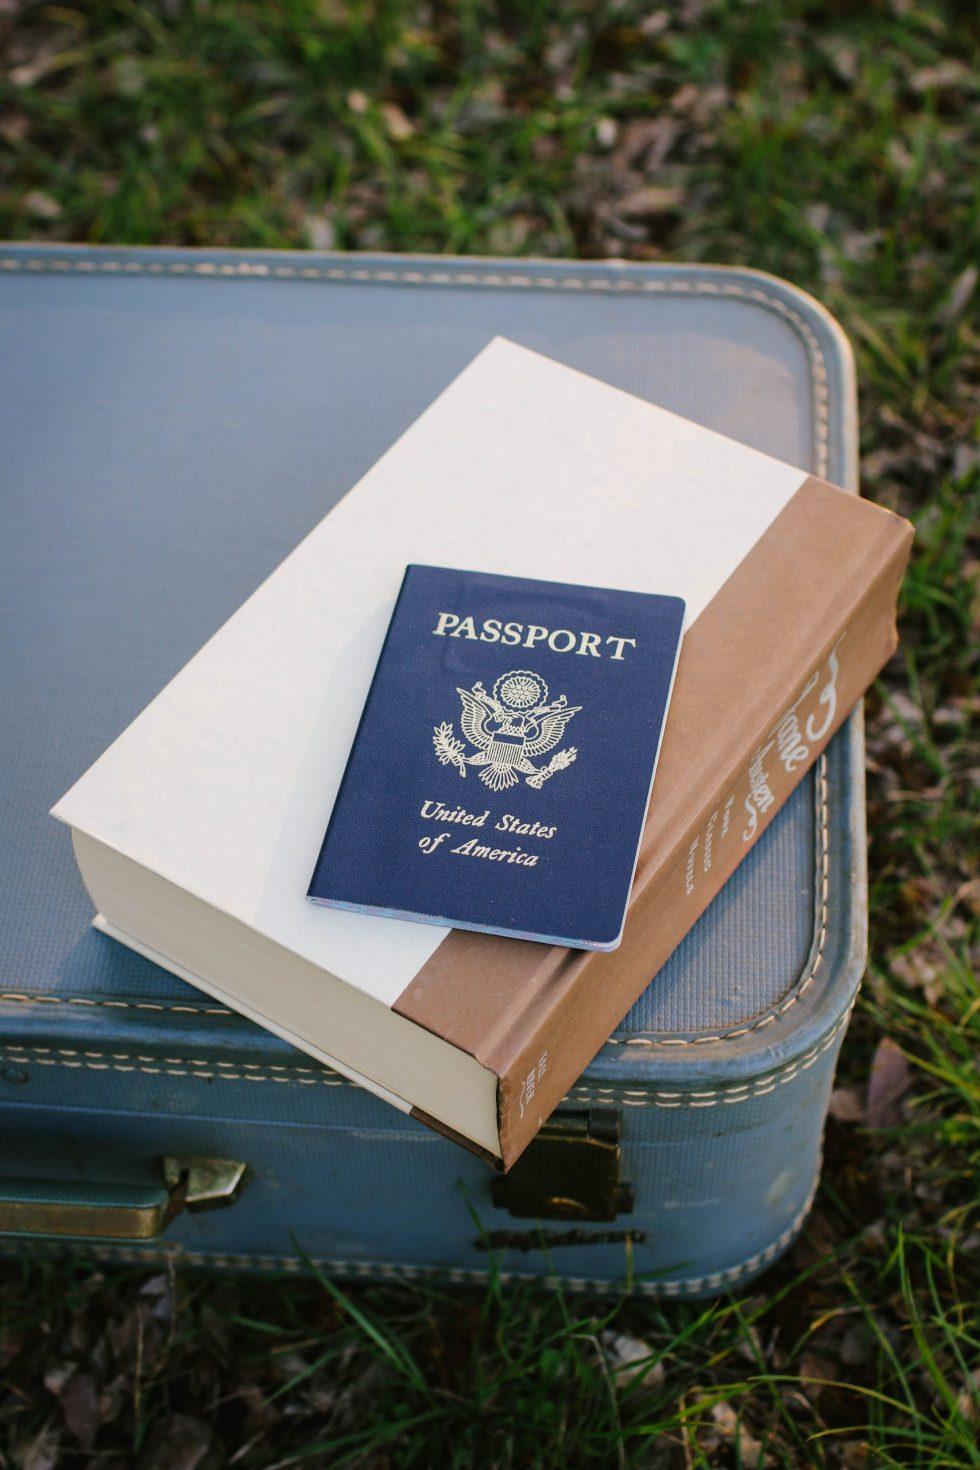 7Tips Passport